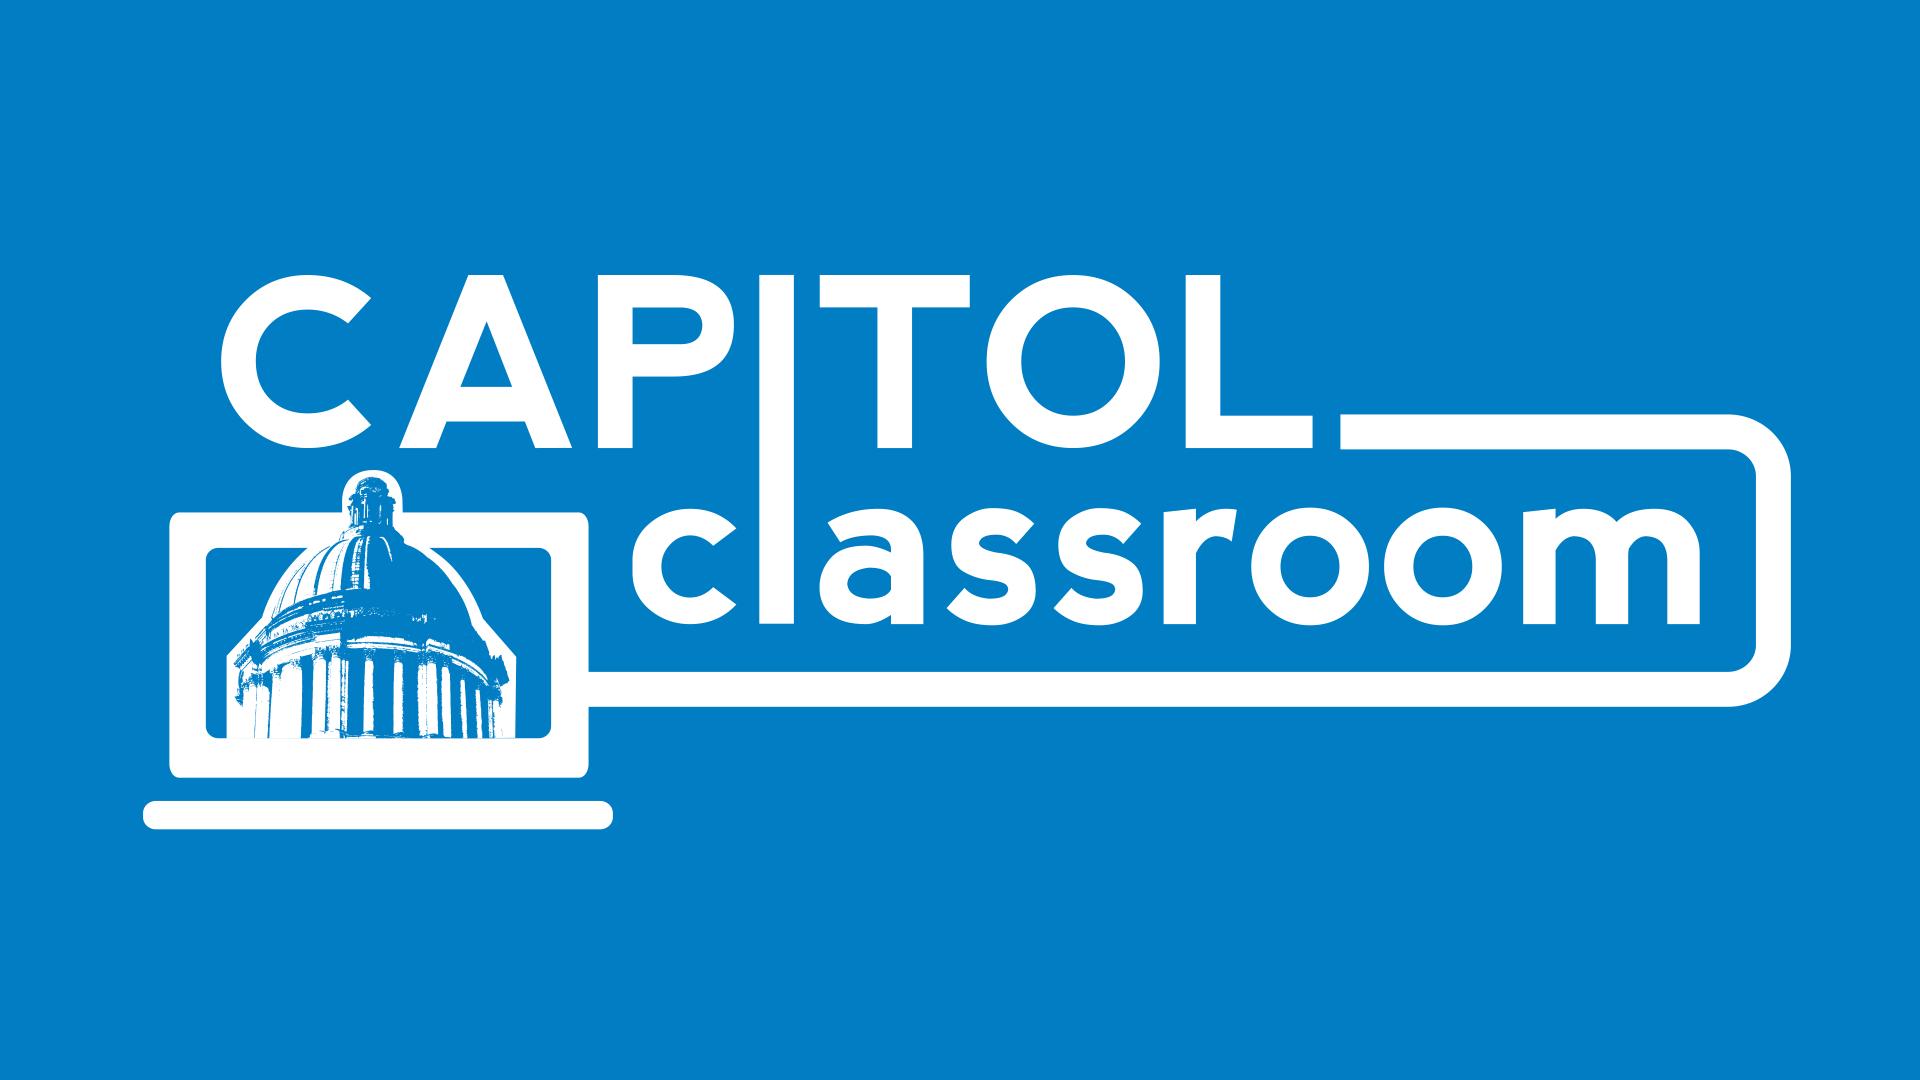 Capitol Classroom